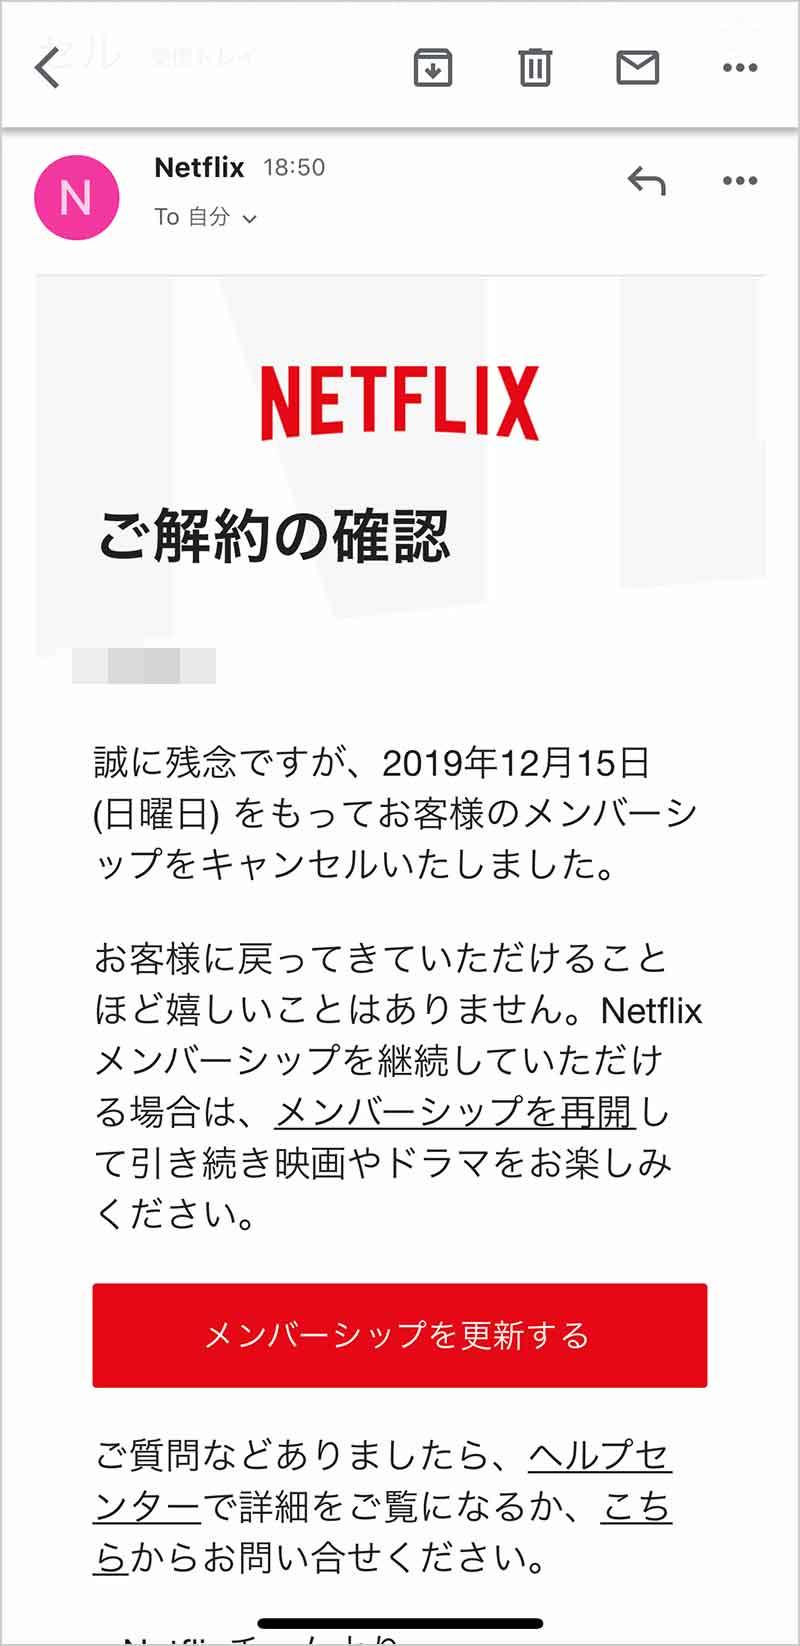 Netflixの解約確認メール